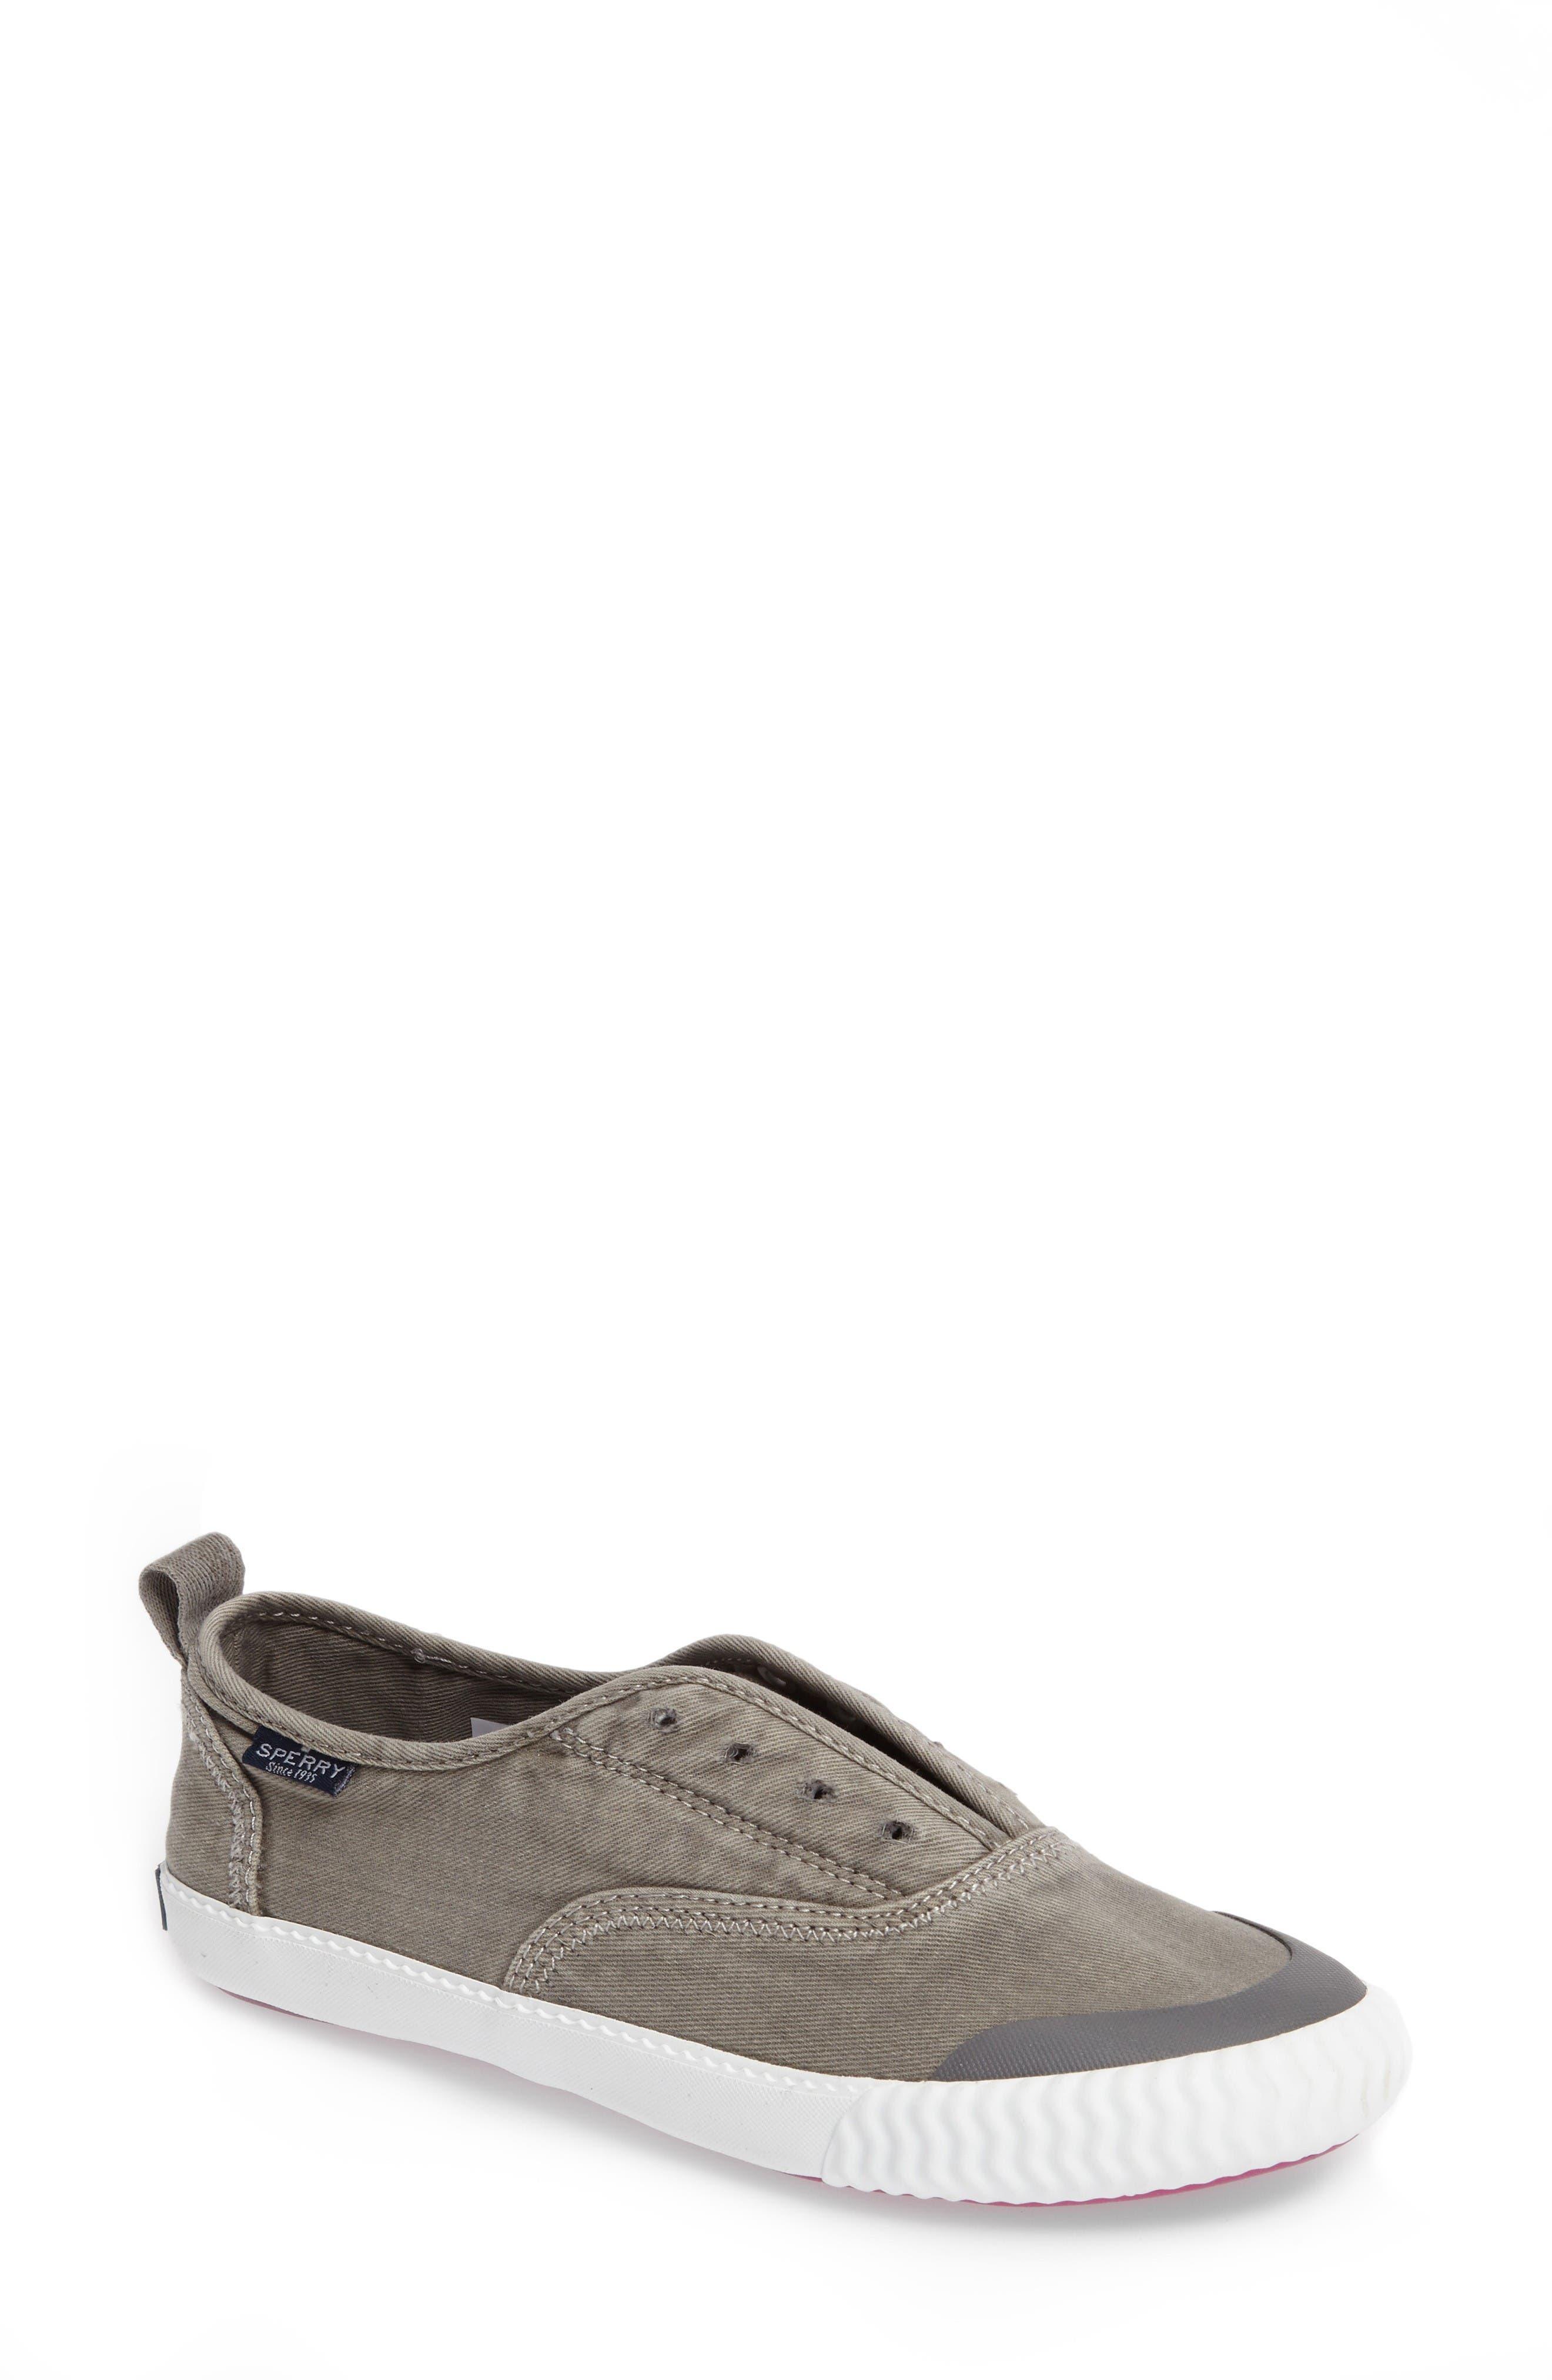 Alternate Image 1 Selected - Sperry Sayel Slip-On Sneaker (Women)